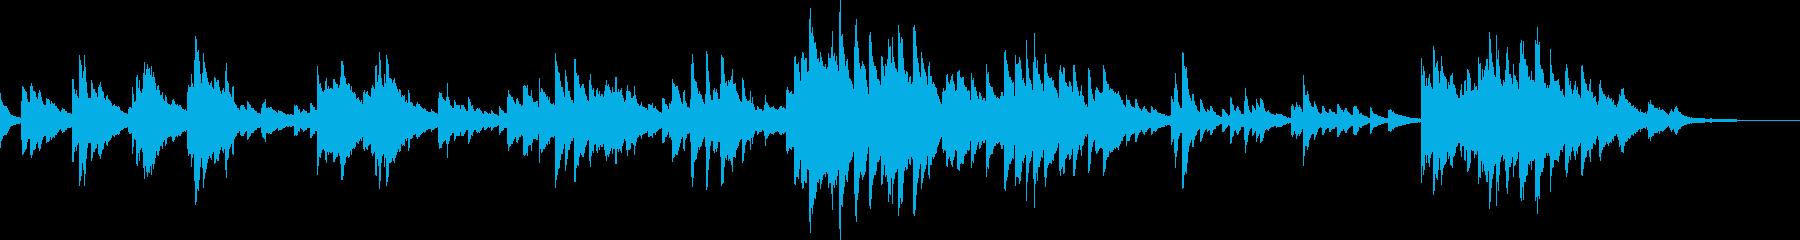 美しい風景(ピアノ・感動・自然)の再生済みの波形